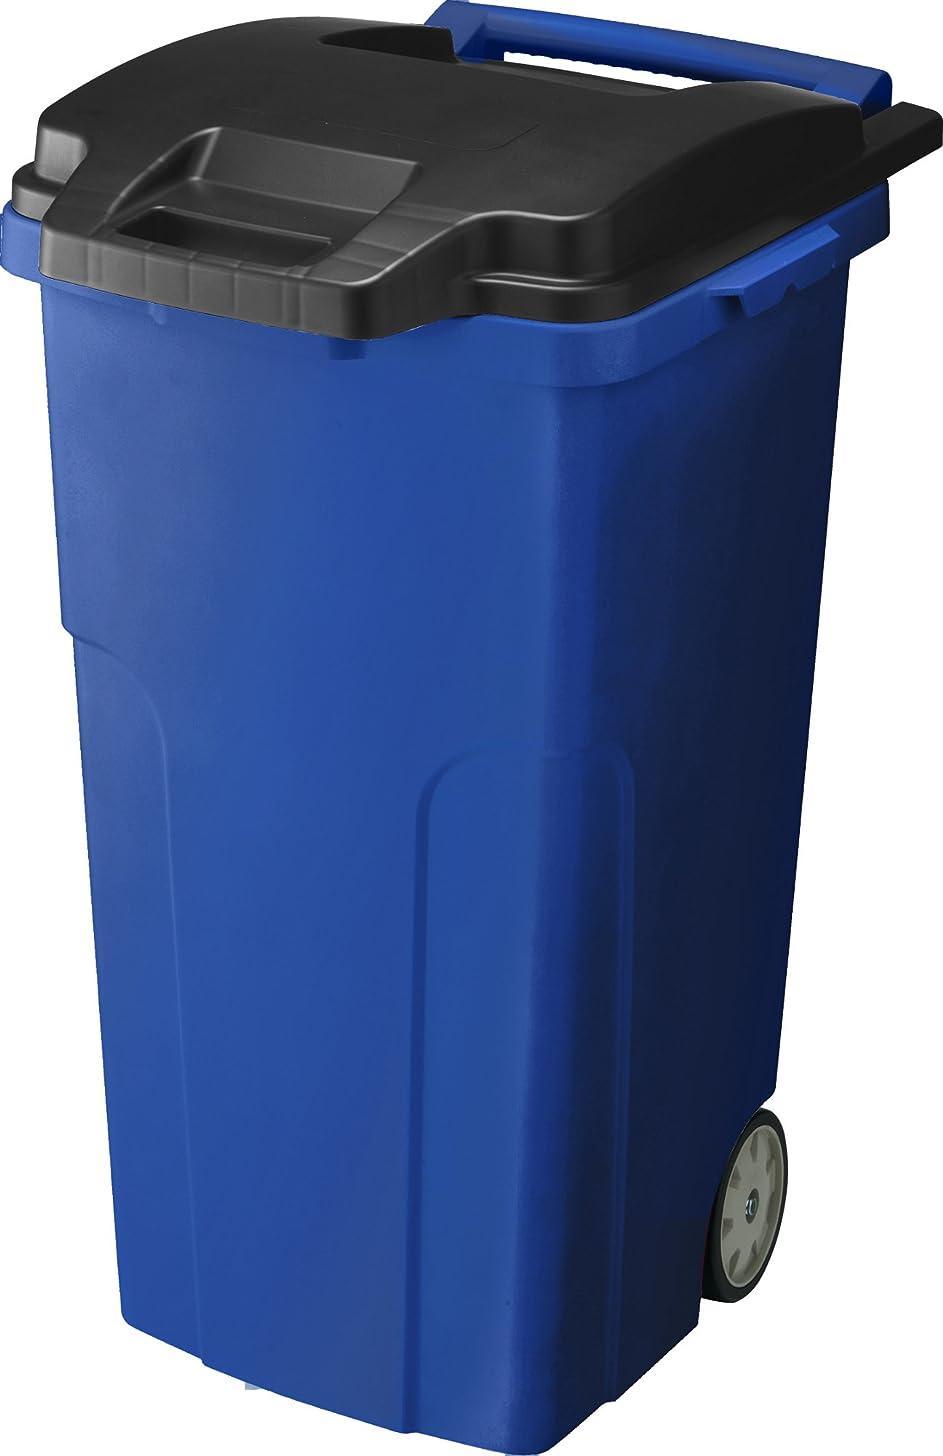 非公式平和チョークリス 『キャスター付ゴミ箱』 キャスターペール 90C4 90L 4輪 ブルー